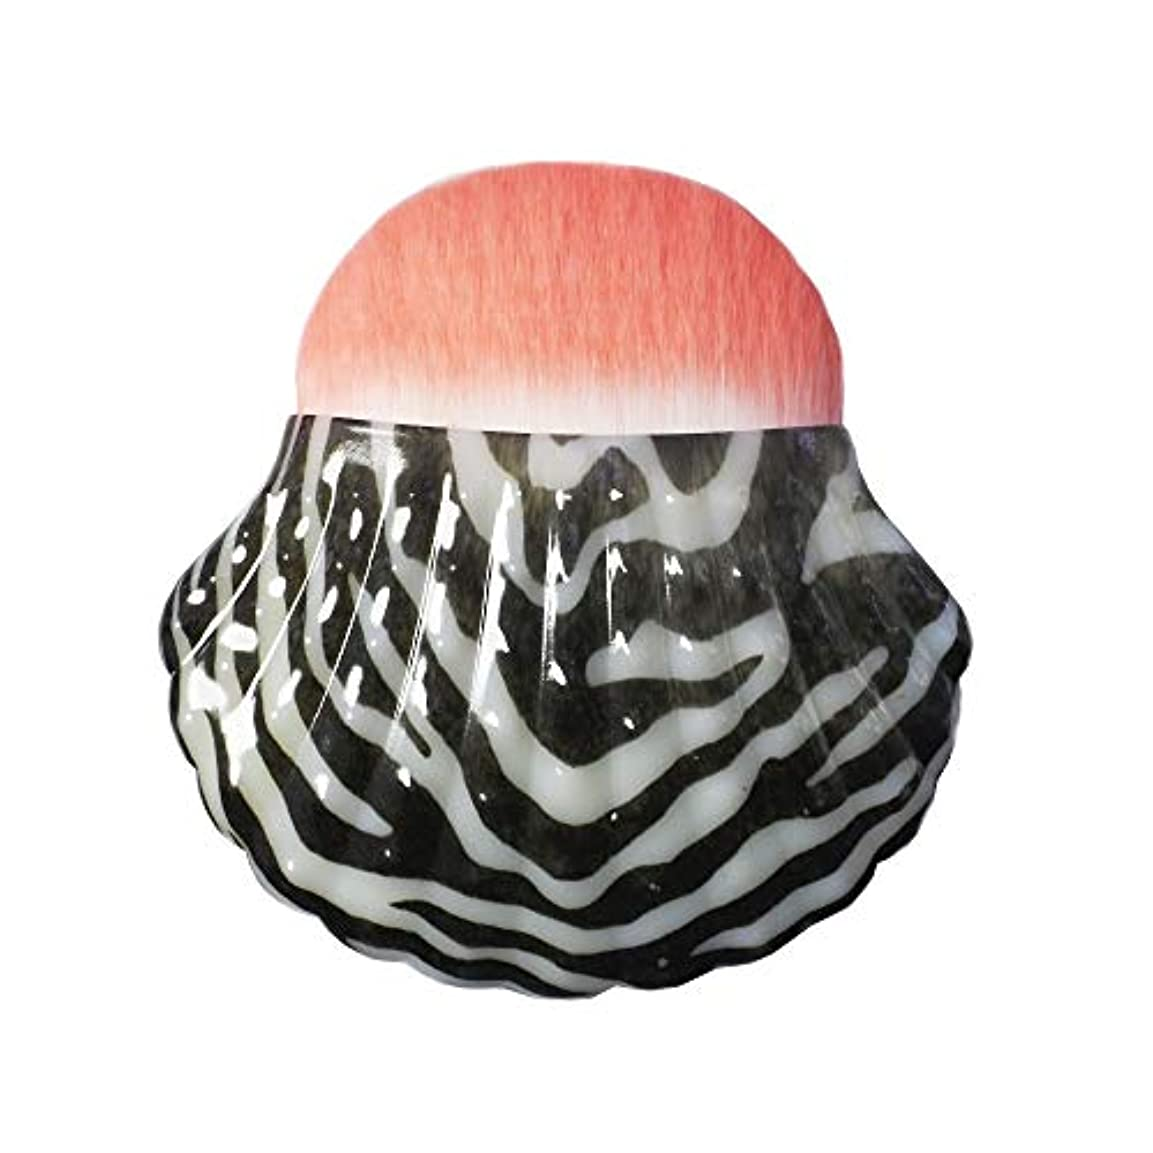 アレイ溢れんばかりの証書Makeup brushes 黒と白のパターン、個々のシェルタイプブラッシュブラシ美容メイクブラシツールポータブル多機能メイクブラシ suits (Color : Leopard)